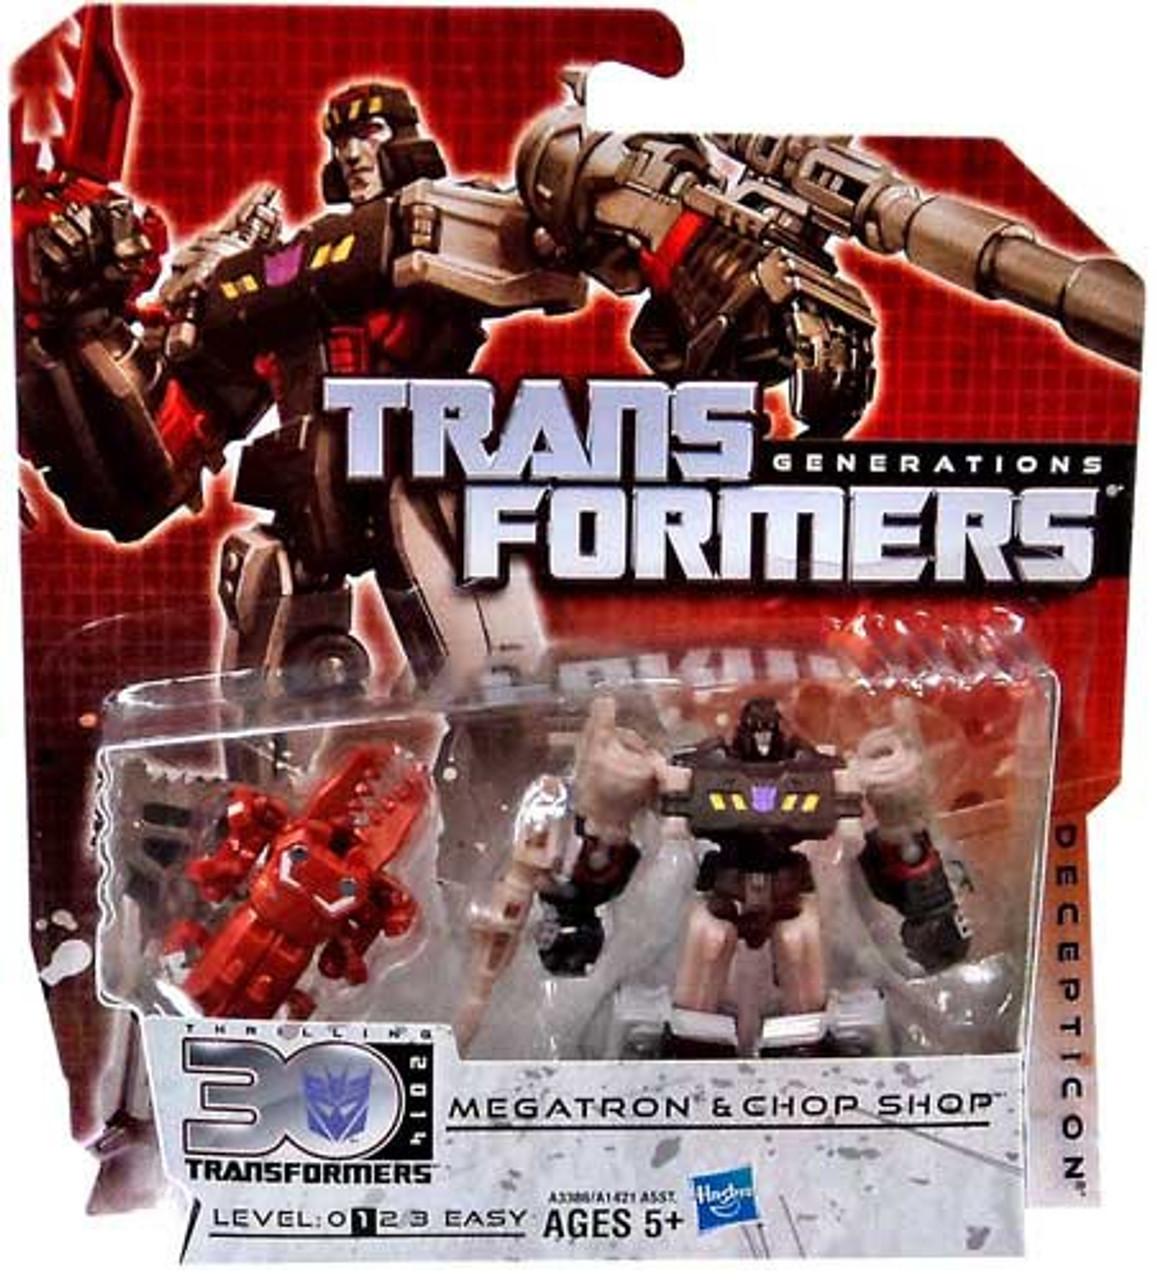 Transformers Generations 30th Anniversary Legends Megatron & Chopshop Legend Action Figure 2-Pack